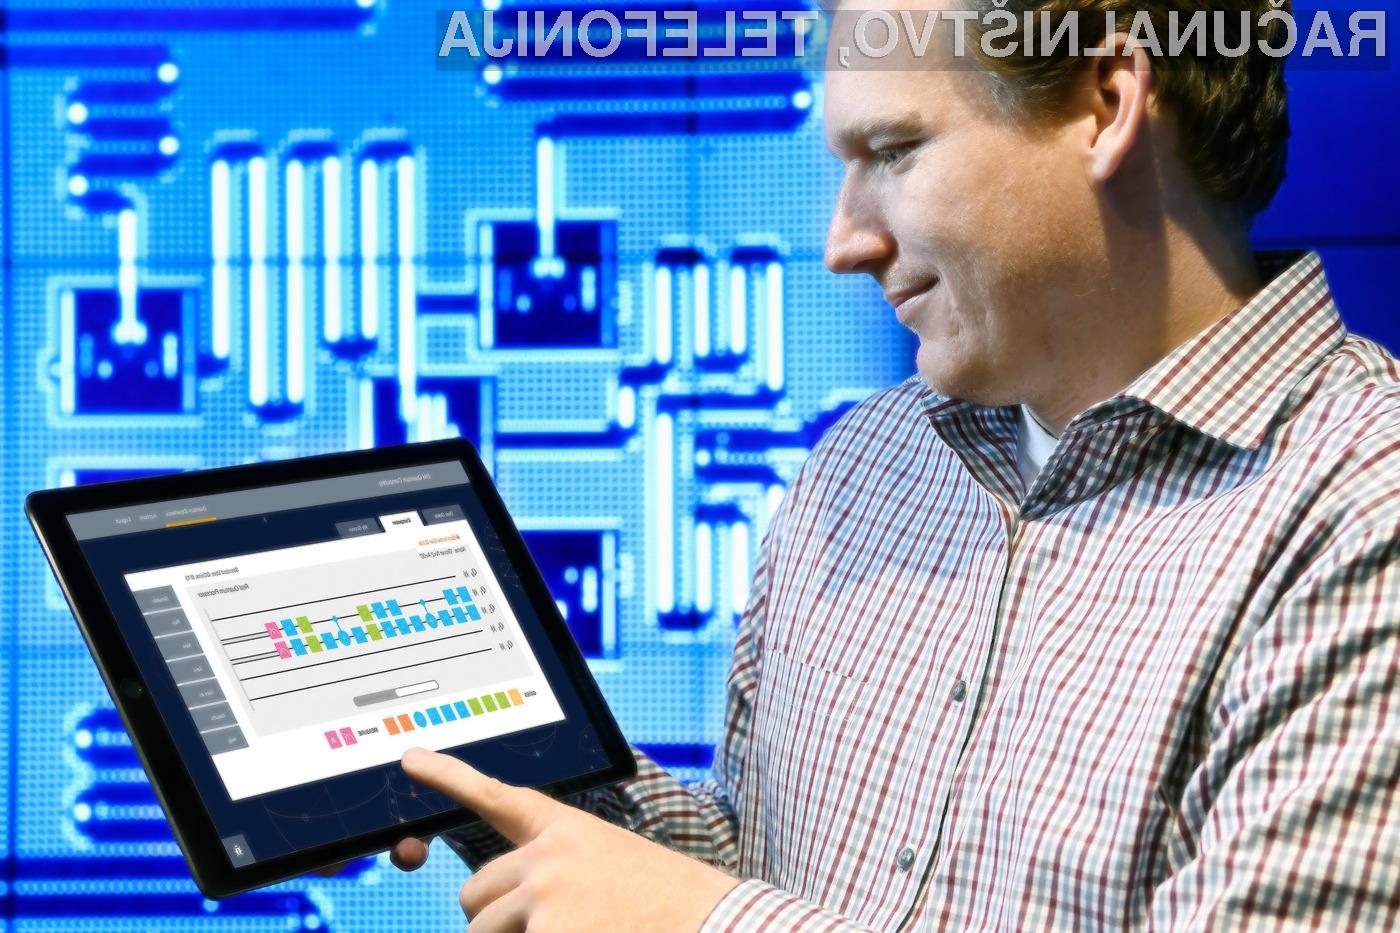 Podjetje IBM je prvo, ki je kvantno računalništvo ponudilo kot oblačno storitev.